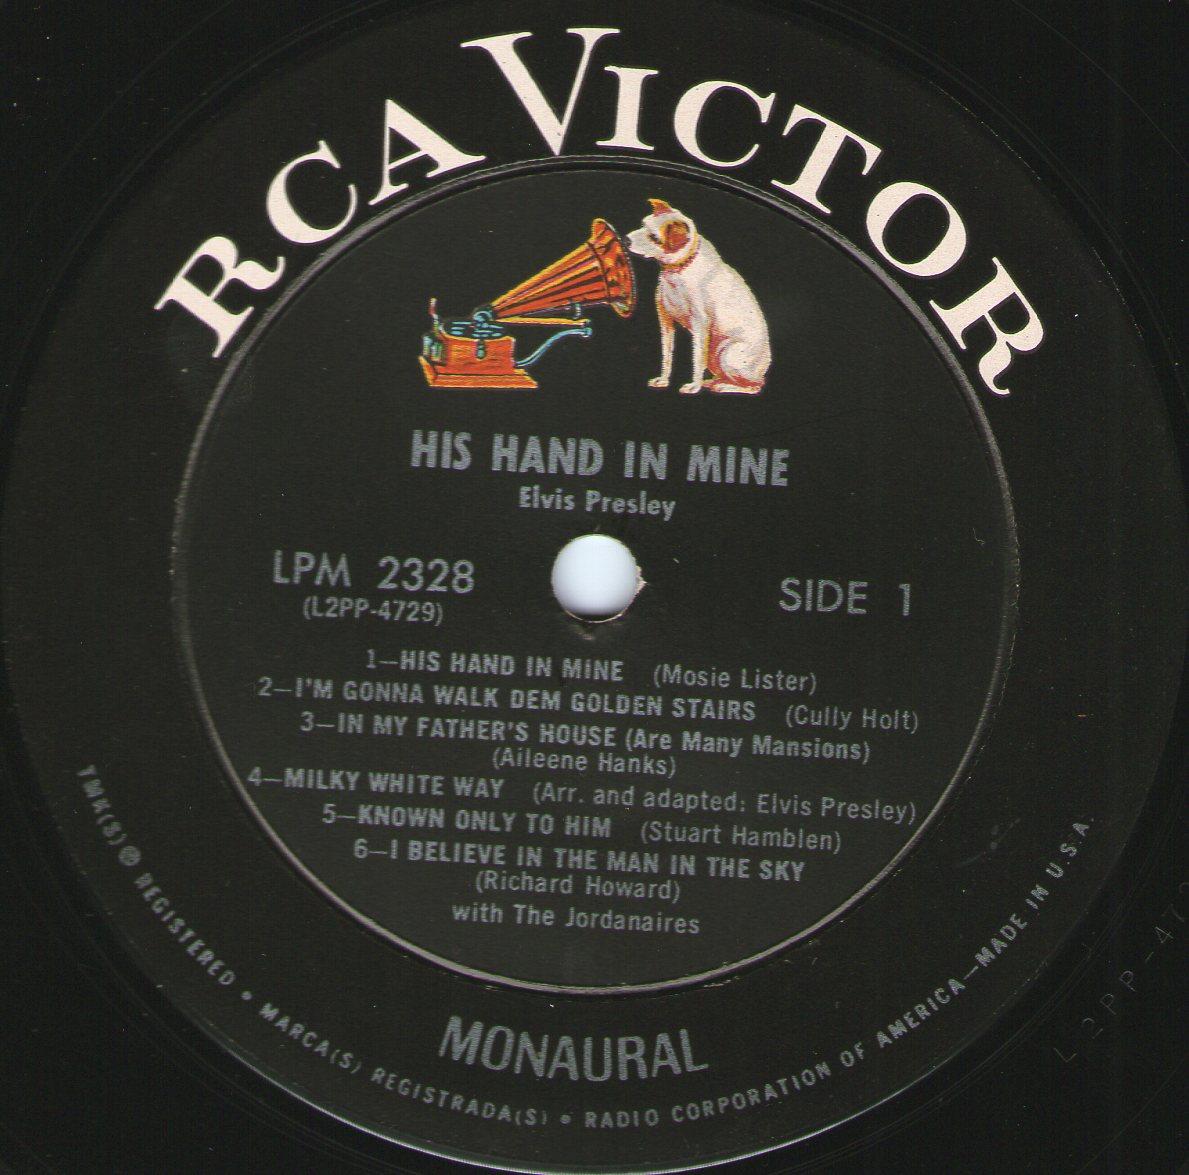 HIS HAND IN MINE Lpm2328-6423ei53